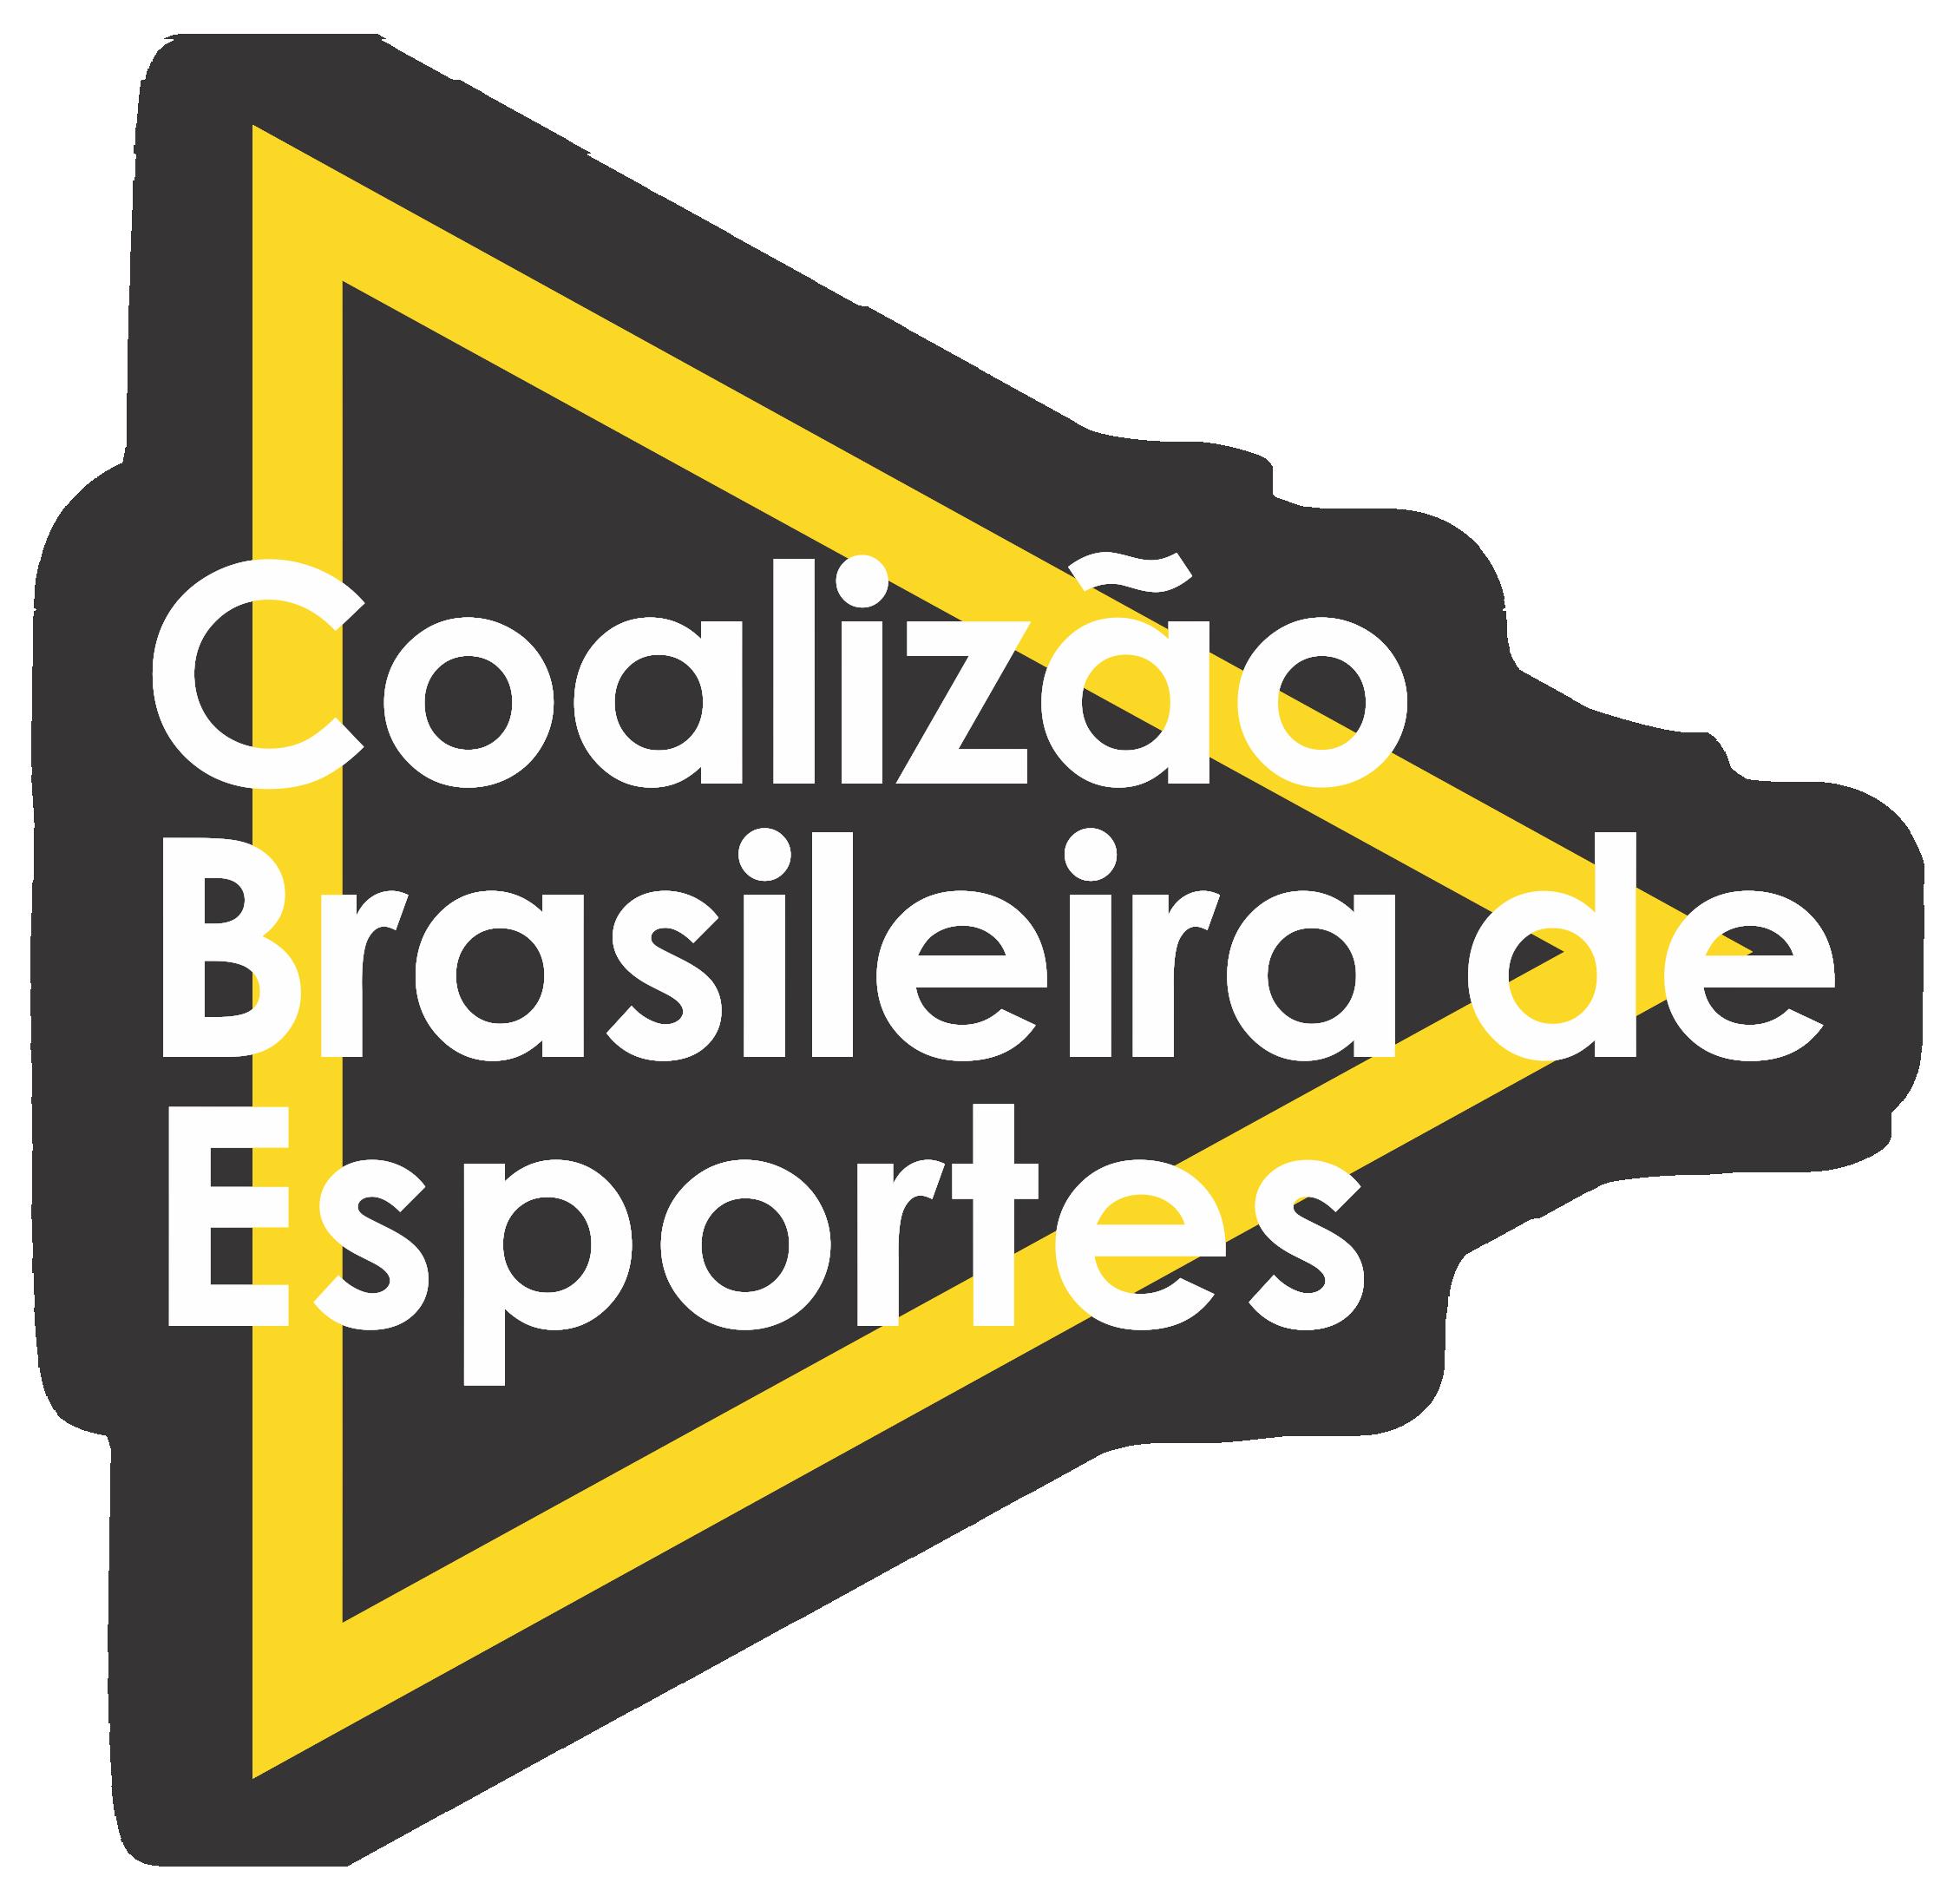 Coalizão Brasileira de Esportes